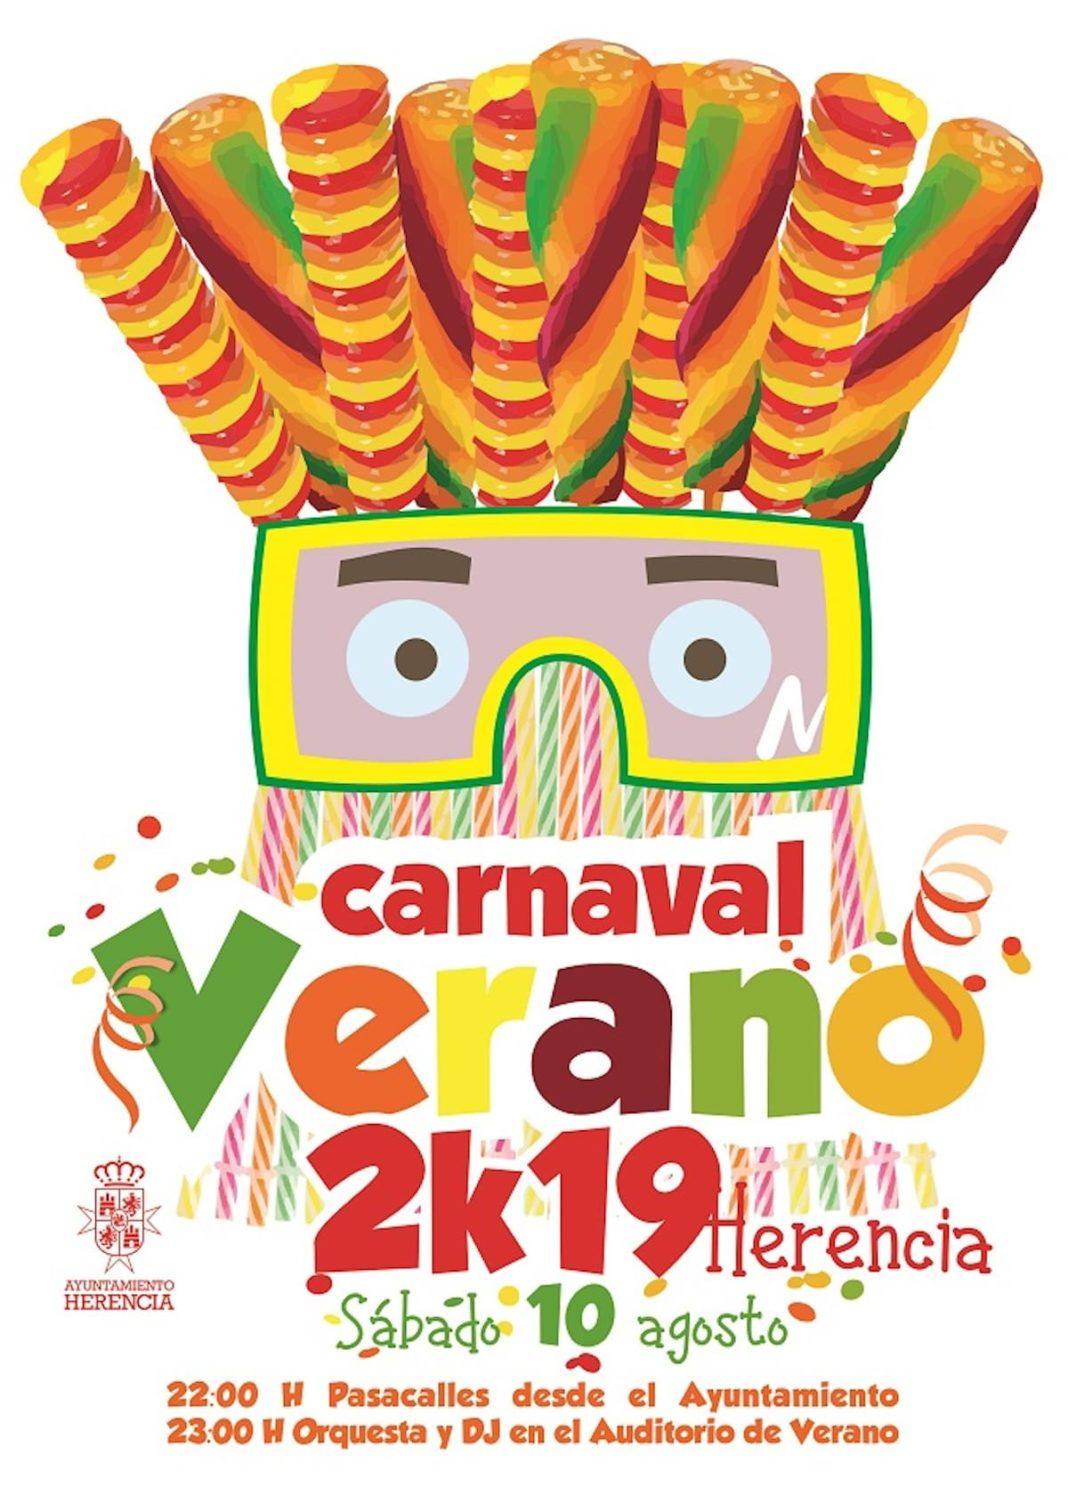 cartel carnaval de verano herencia ciudad real castilla la mancha spain 1068x1511 - Herencia prepara el auténtico Carnaval de verano manchego